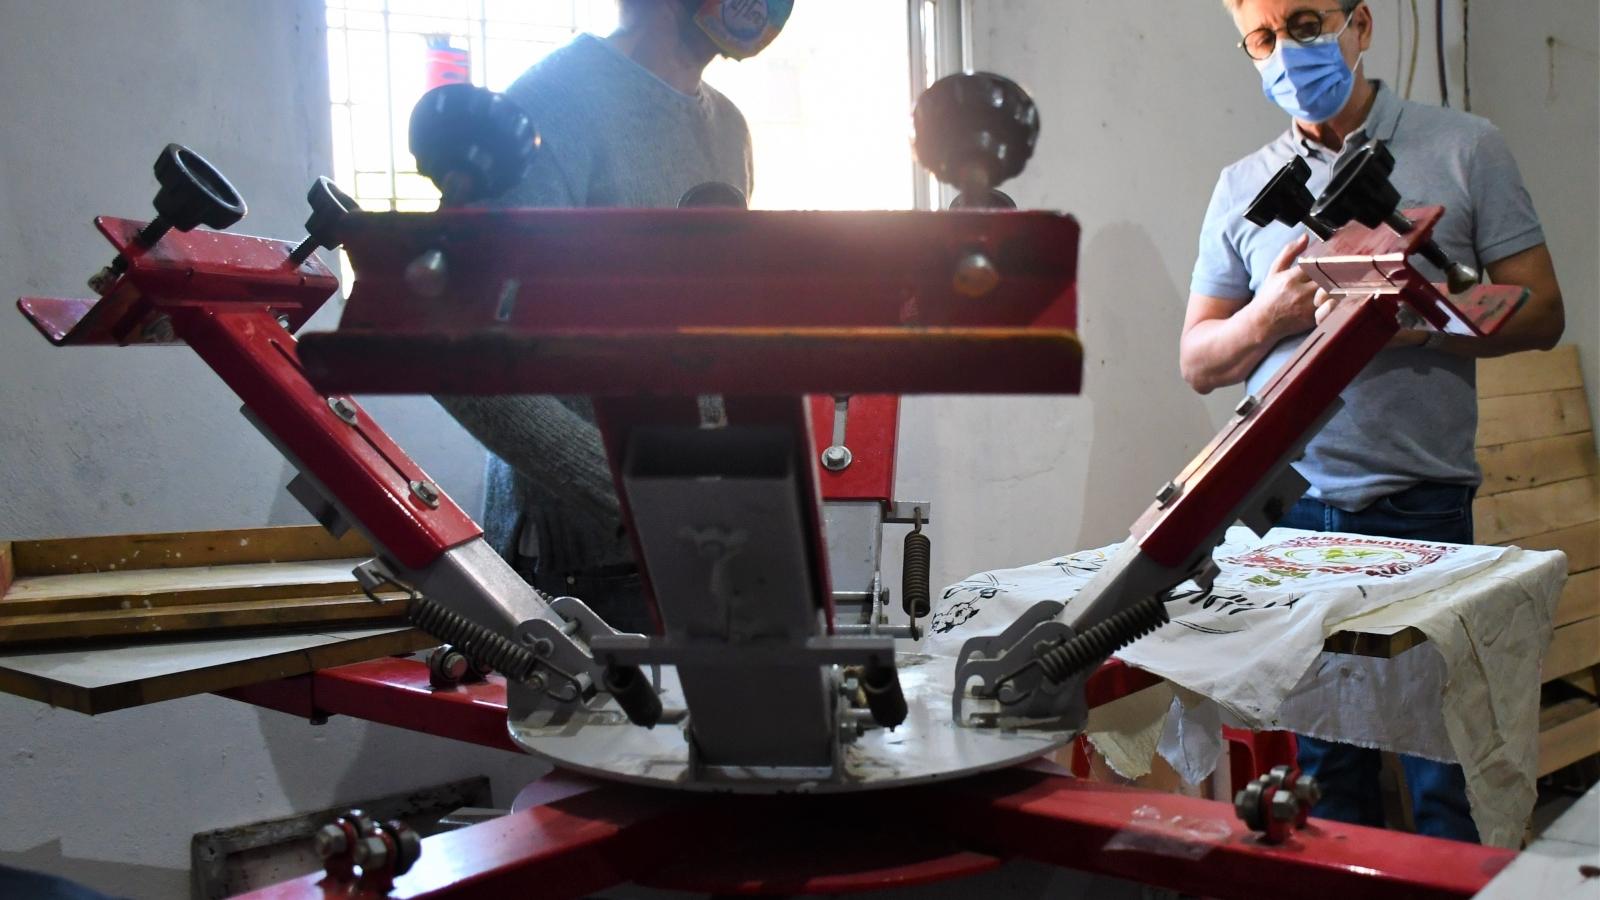 Lorenzo frente a una máquina de serigrafía